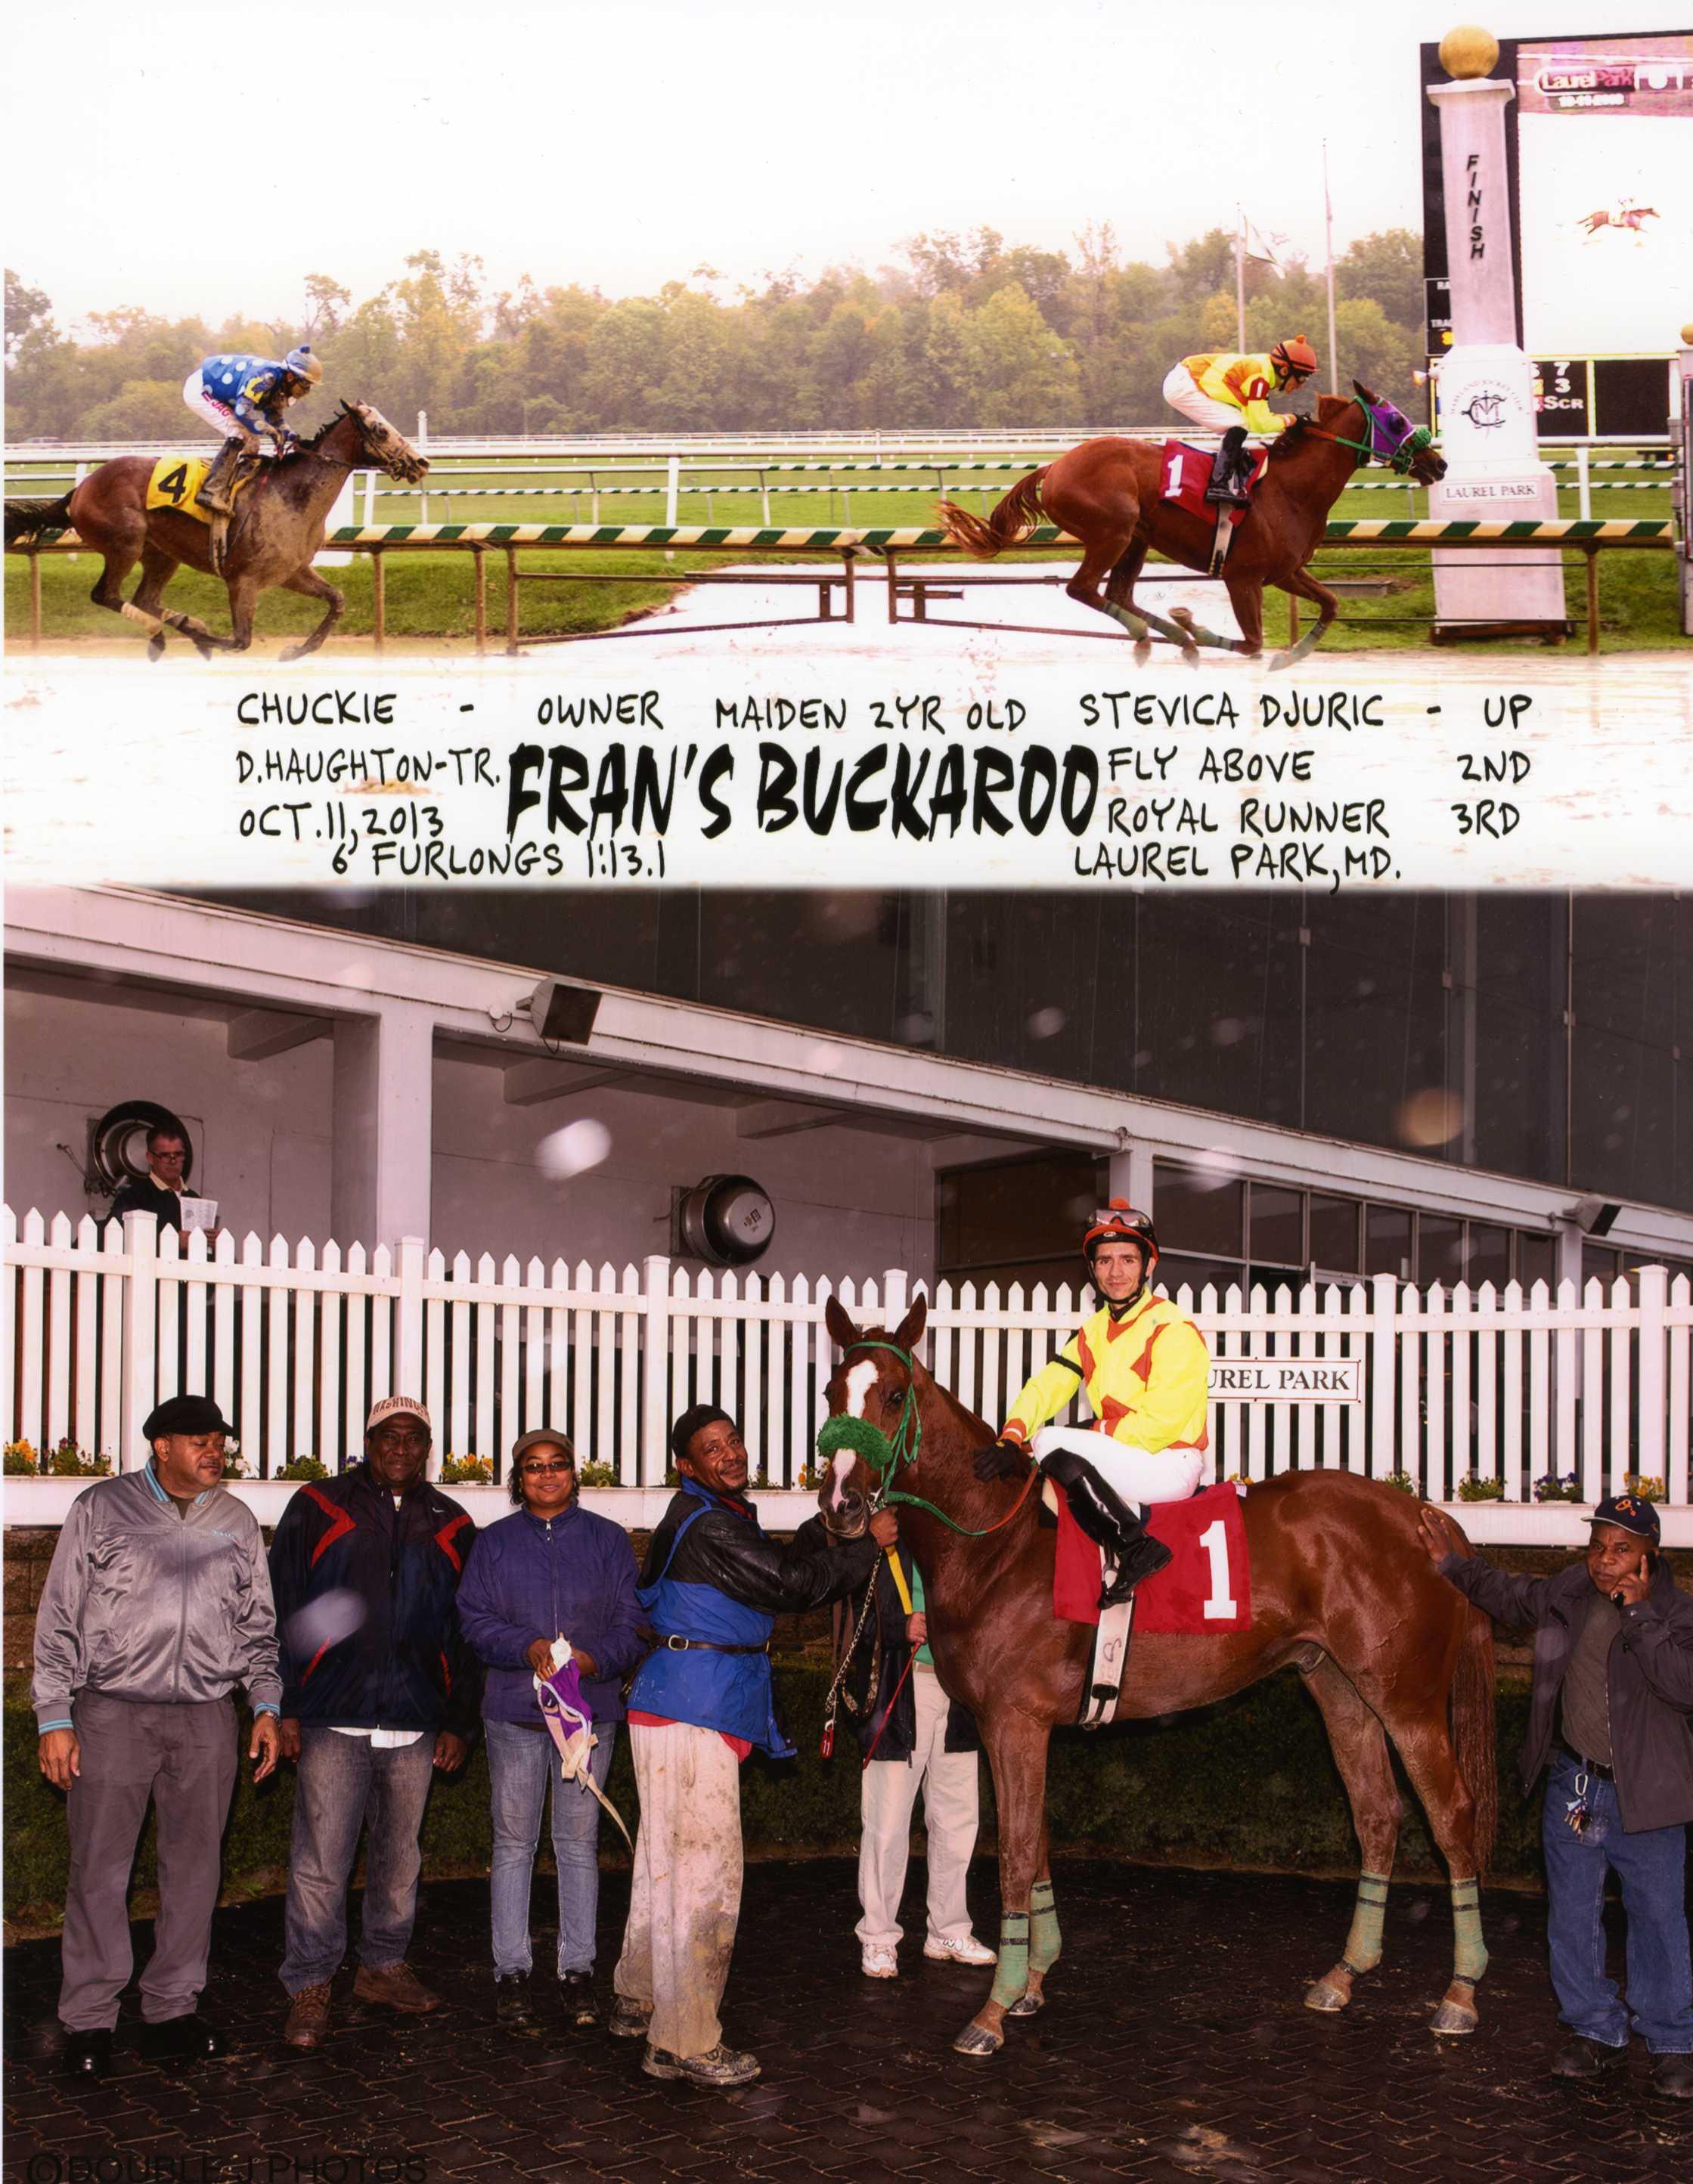 Fran's Buckaroo